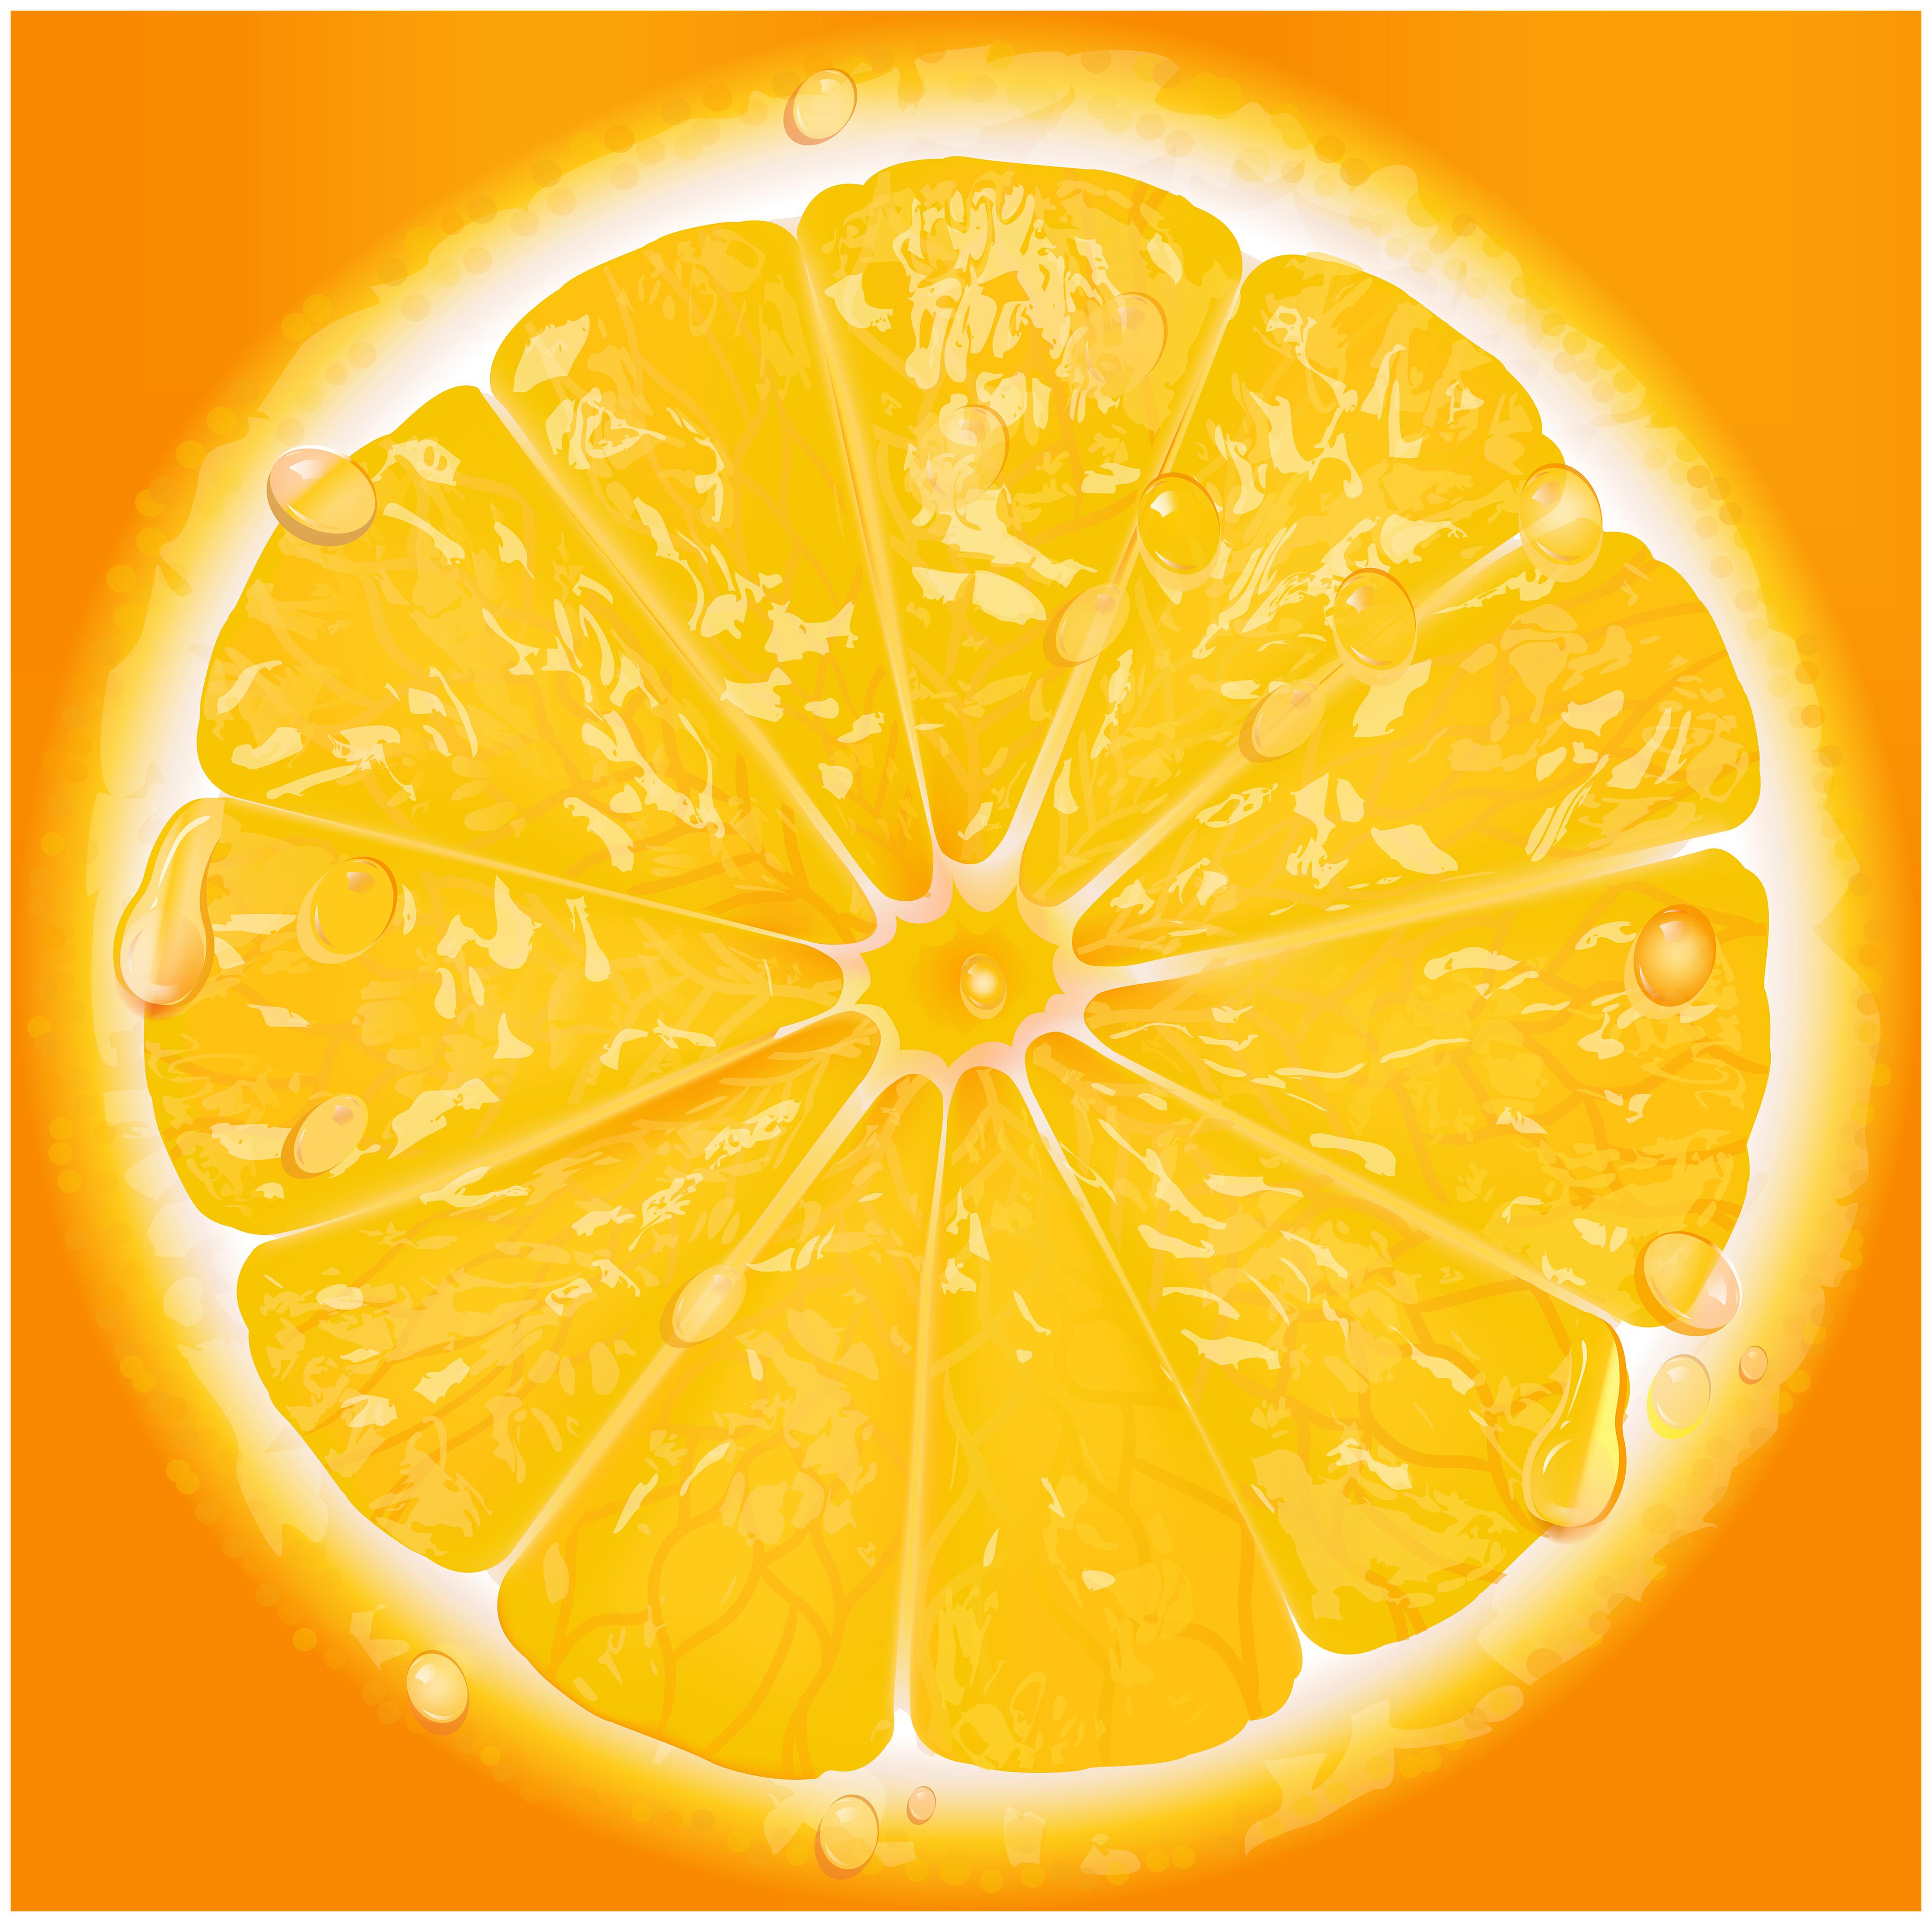 Orange Slice Transparent PNG Clip Art.